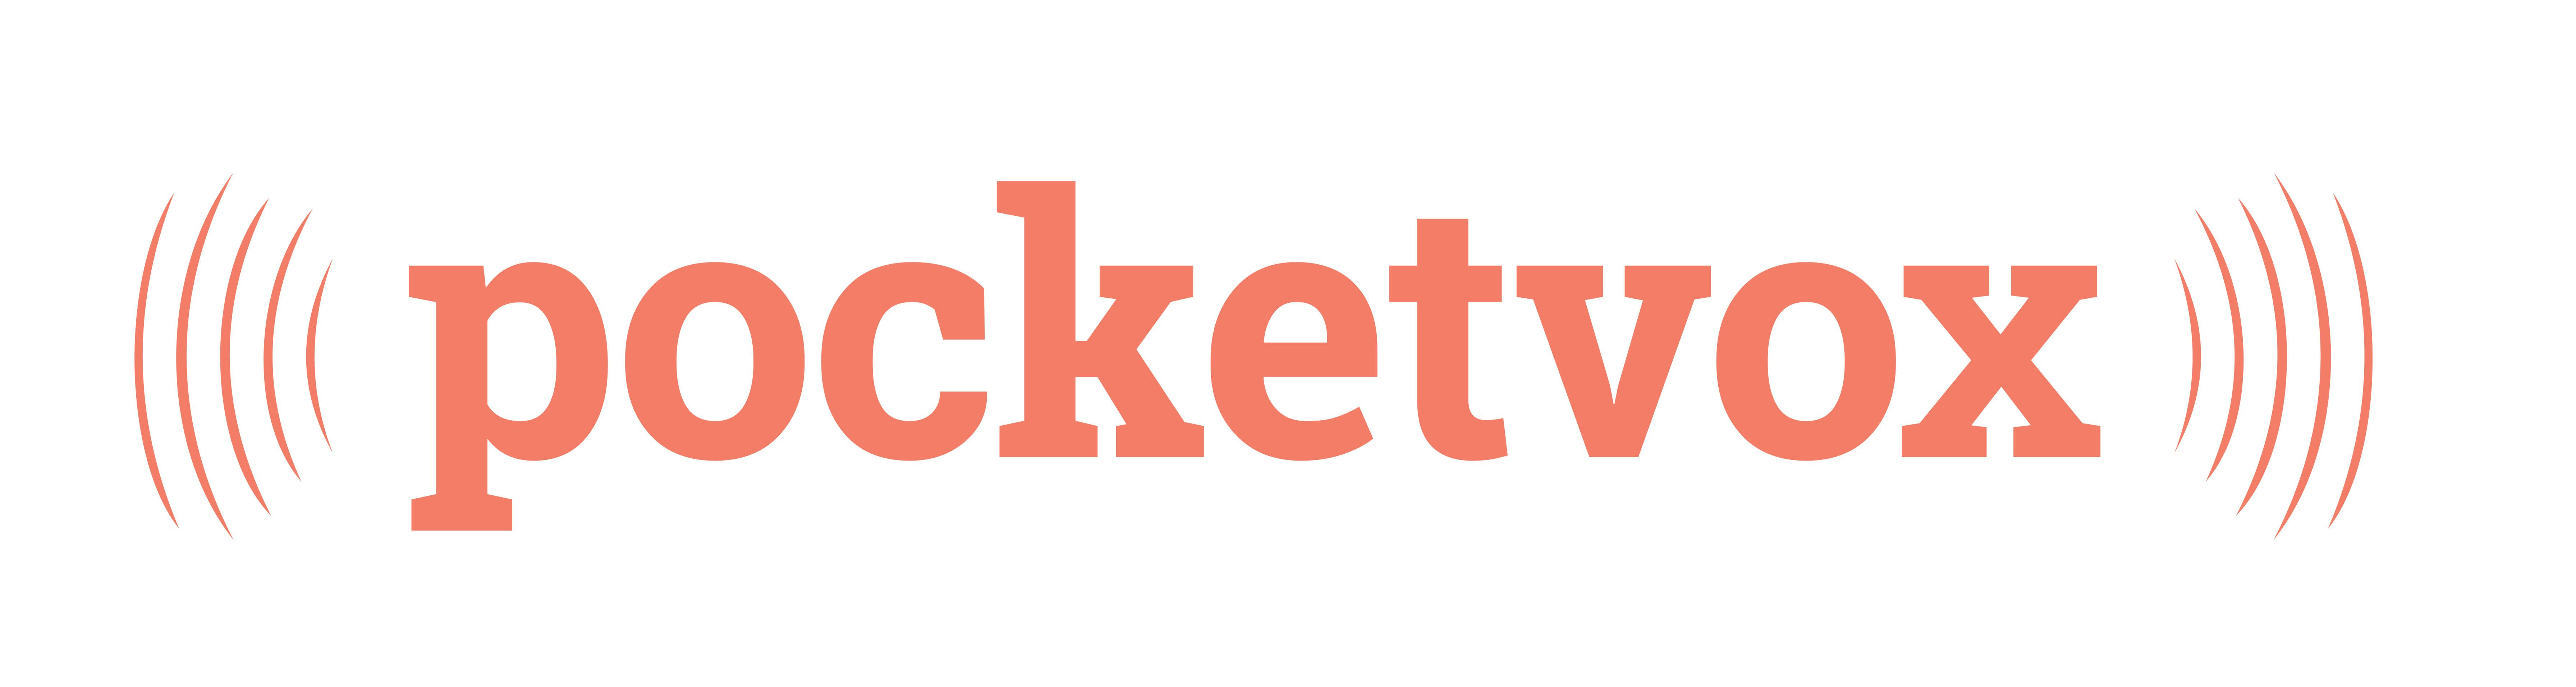 Компания Pocketvox - аудиореклама в торговых центрах и сетях, производство аудиороликов